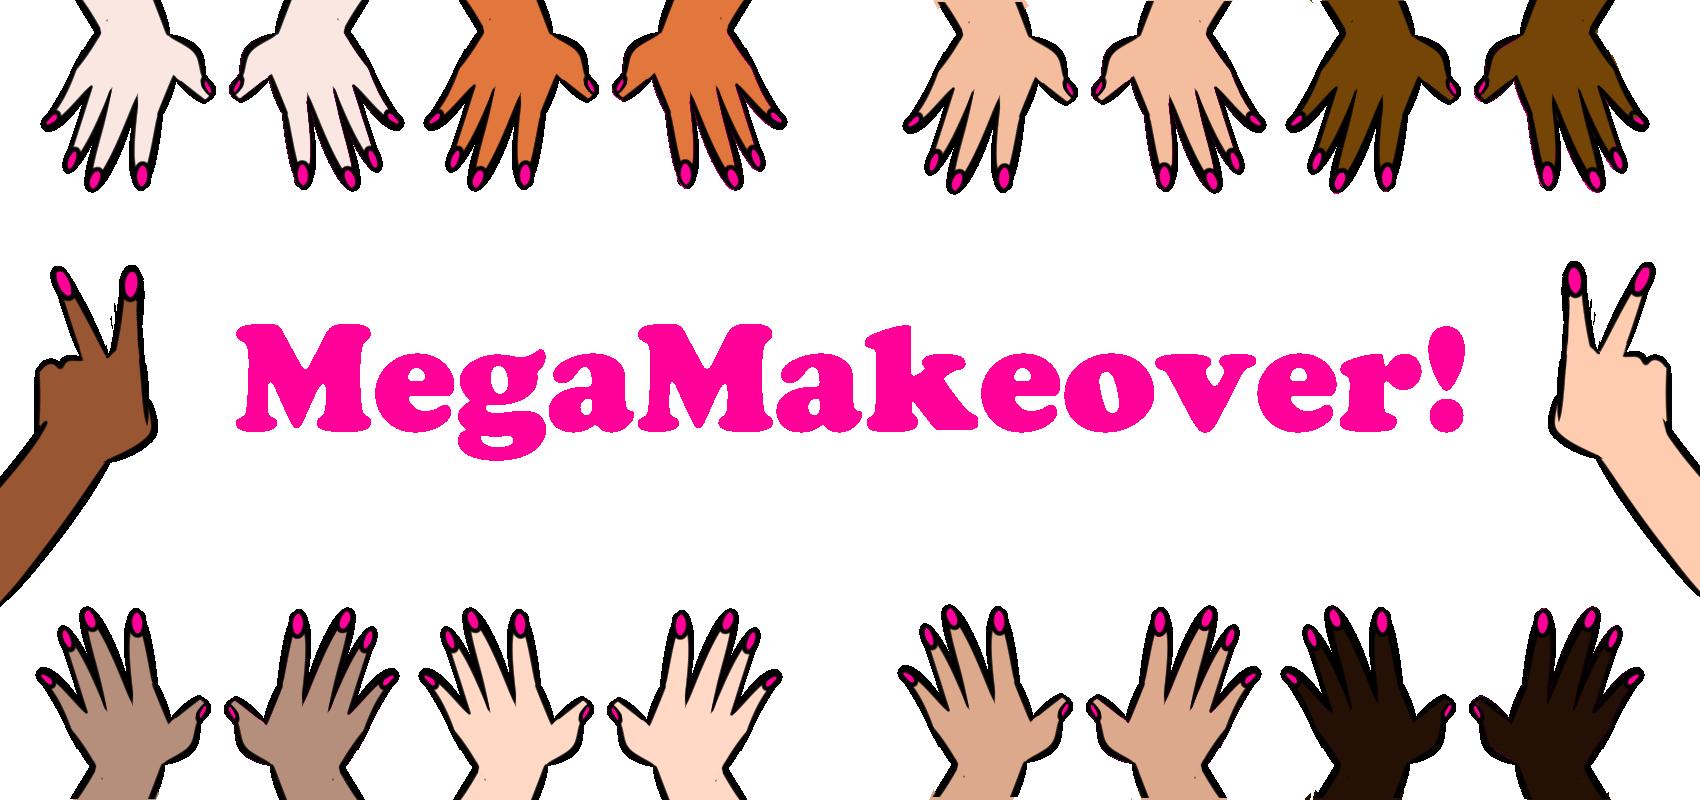 Ask Sam MegaMakeover.png